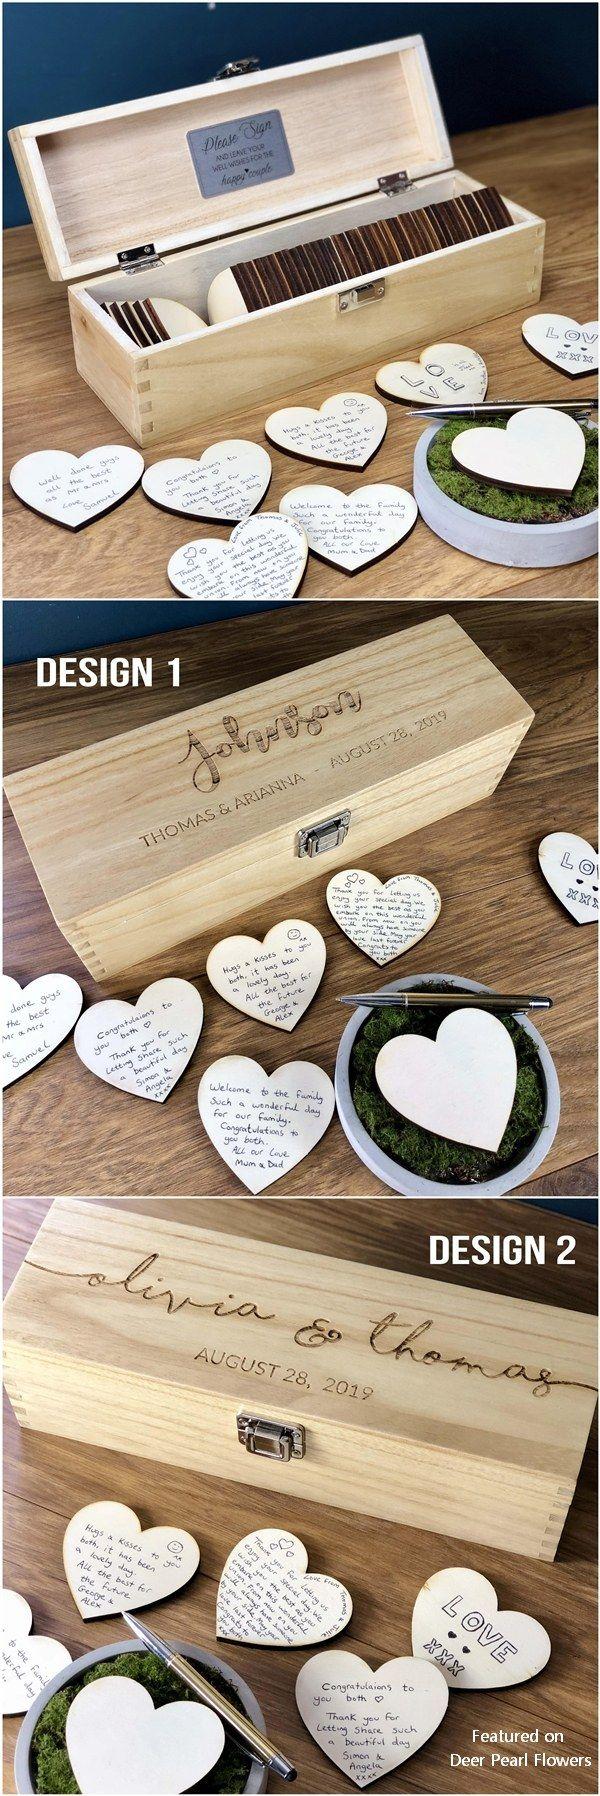 Rustikale Holz Herz Hochzeit Gastekiste Hochzeiten Hochzeitsideen